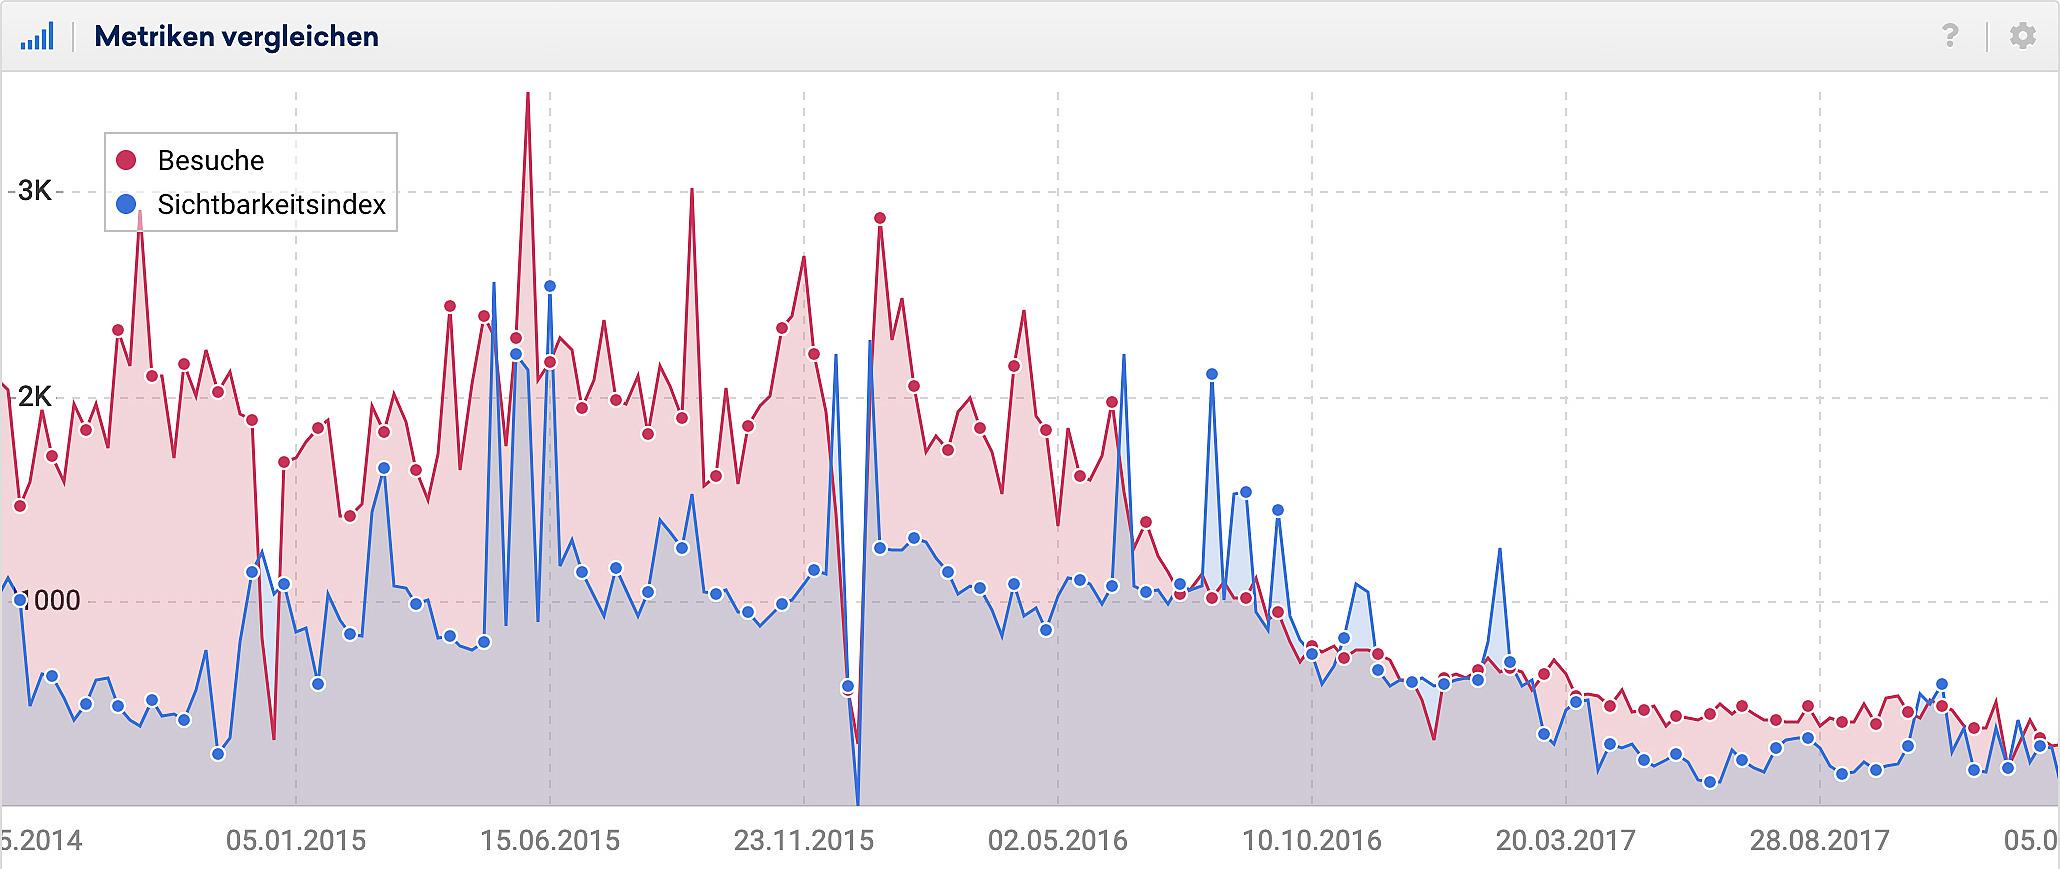 Vergleich von Sichtbarkeitsindex und Visits in einem Chart. Beide Linien verfolgen den gleichen Trend und decken sich teilweise sogar genau ab.